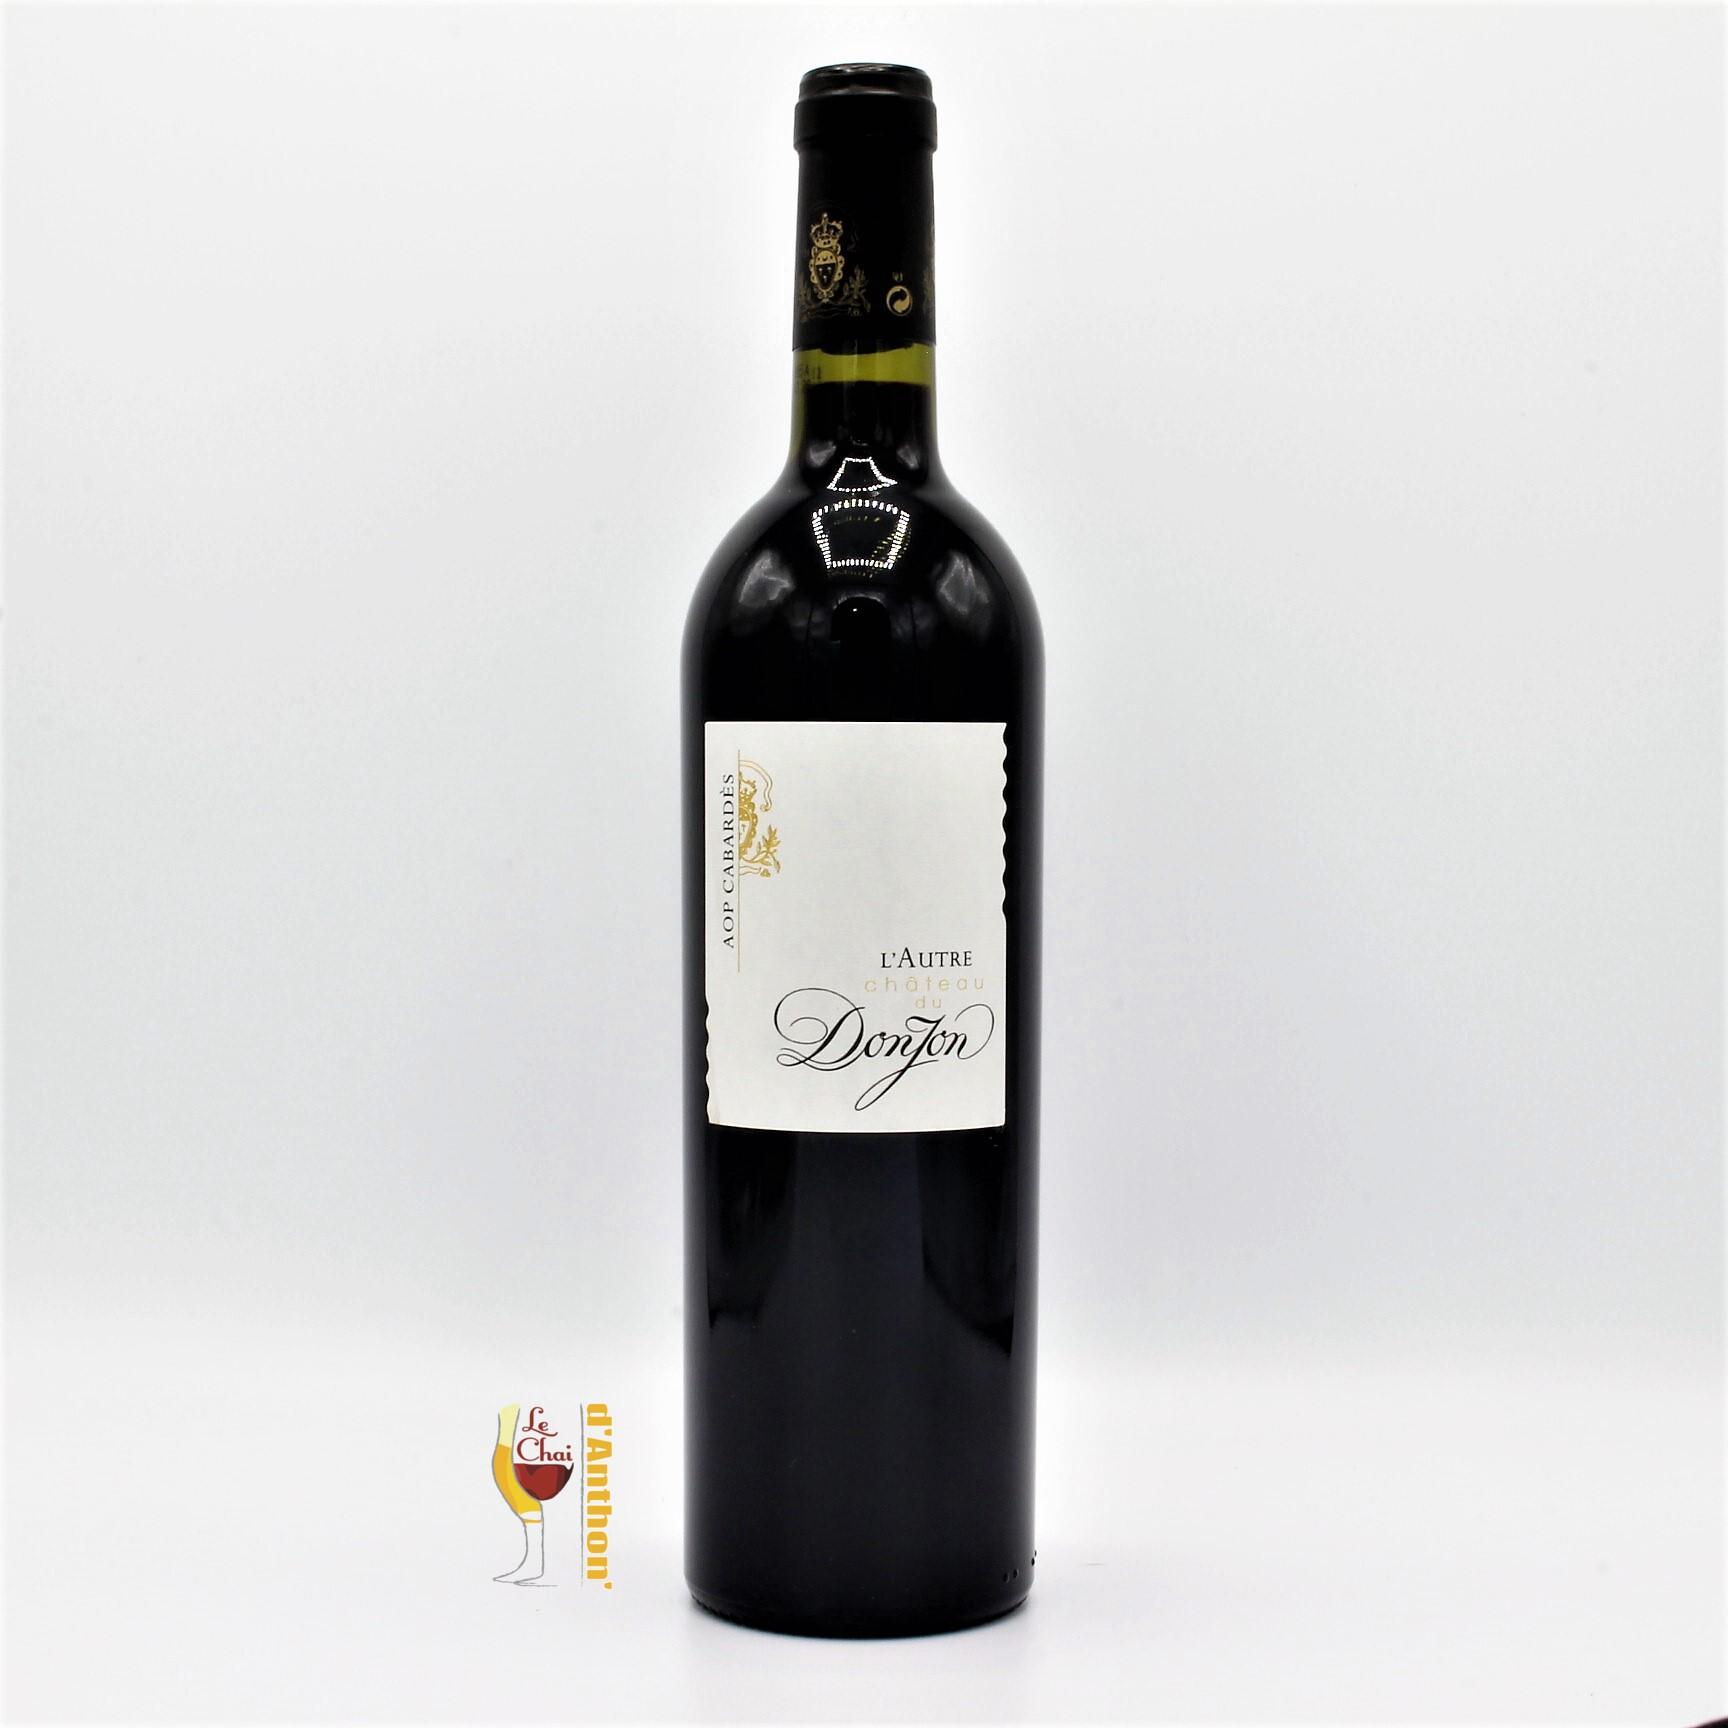 Vin Bouteille Rouge Languedoc Cabardes L Autre Donjon 75cl